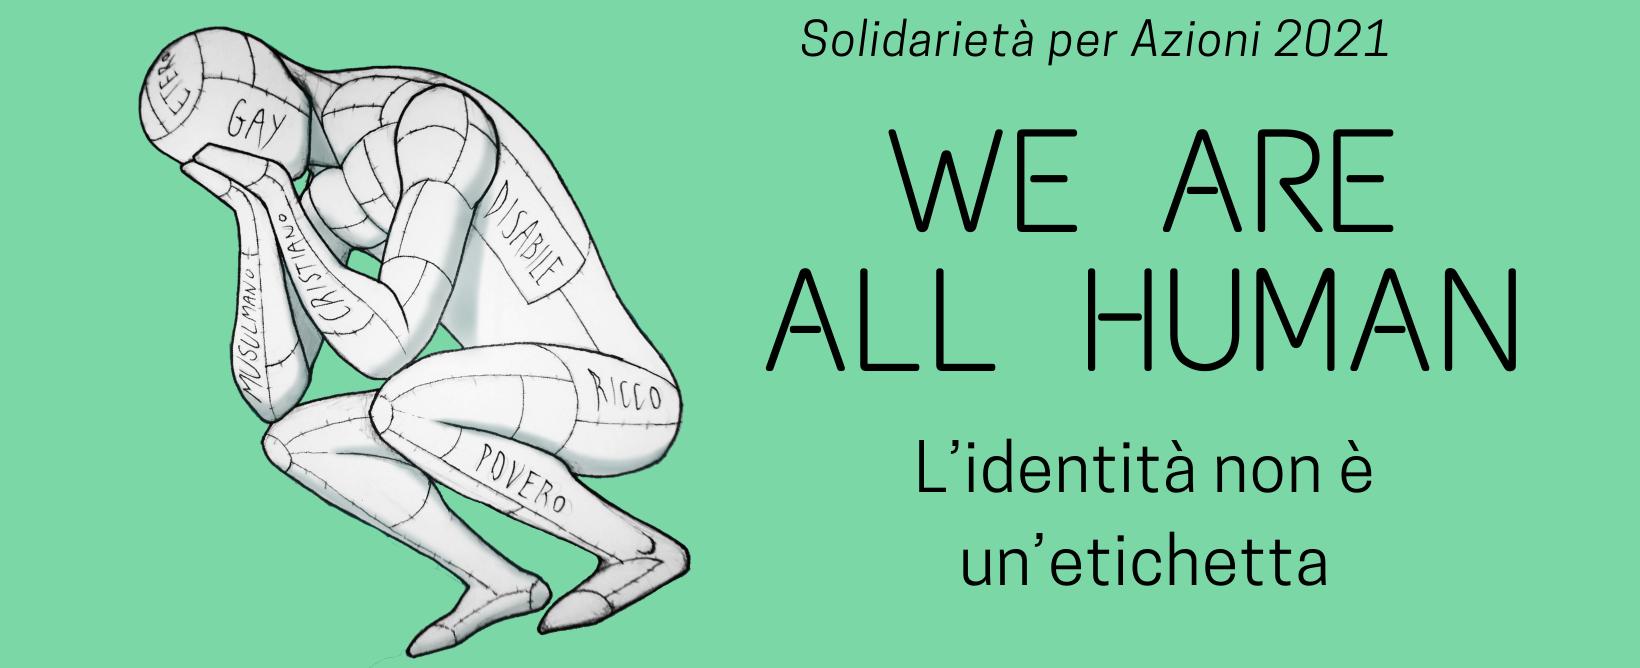 copertina corso di formazione solidarietà per azioni 2021